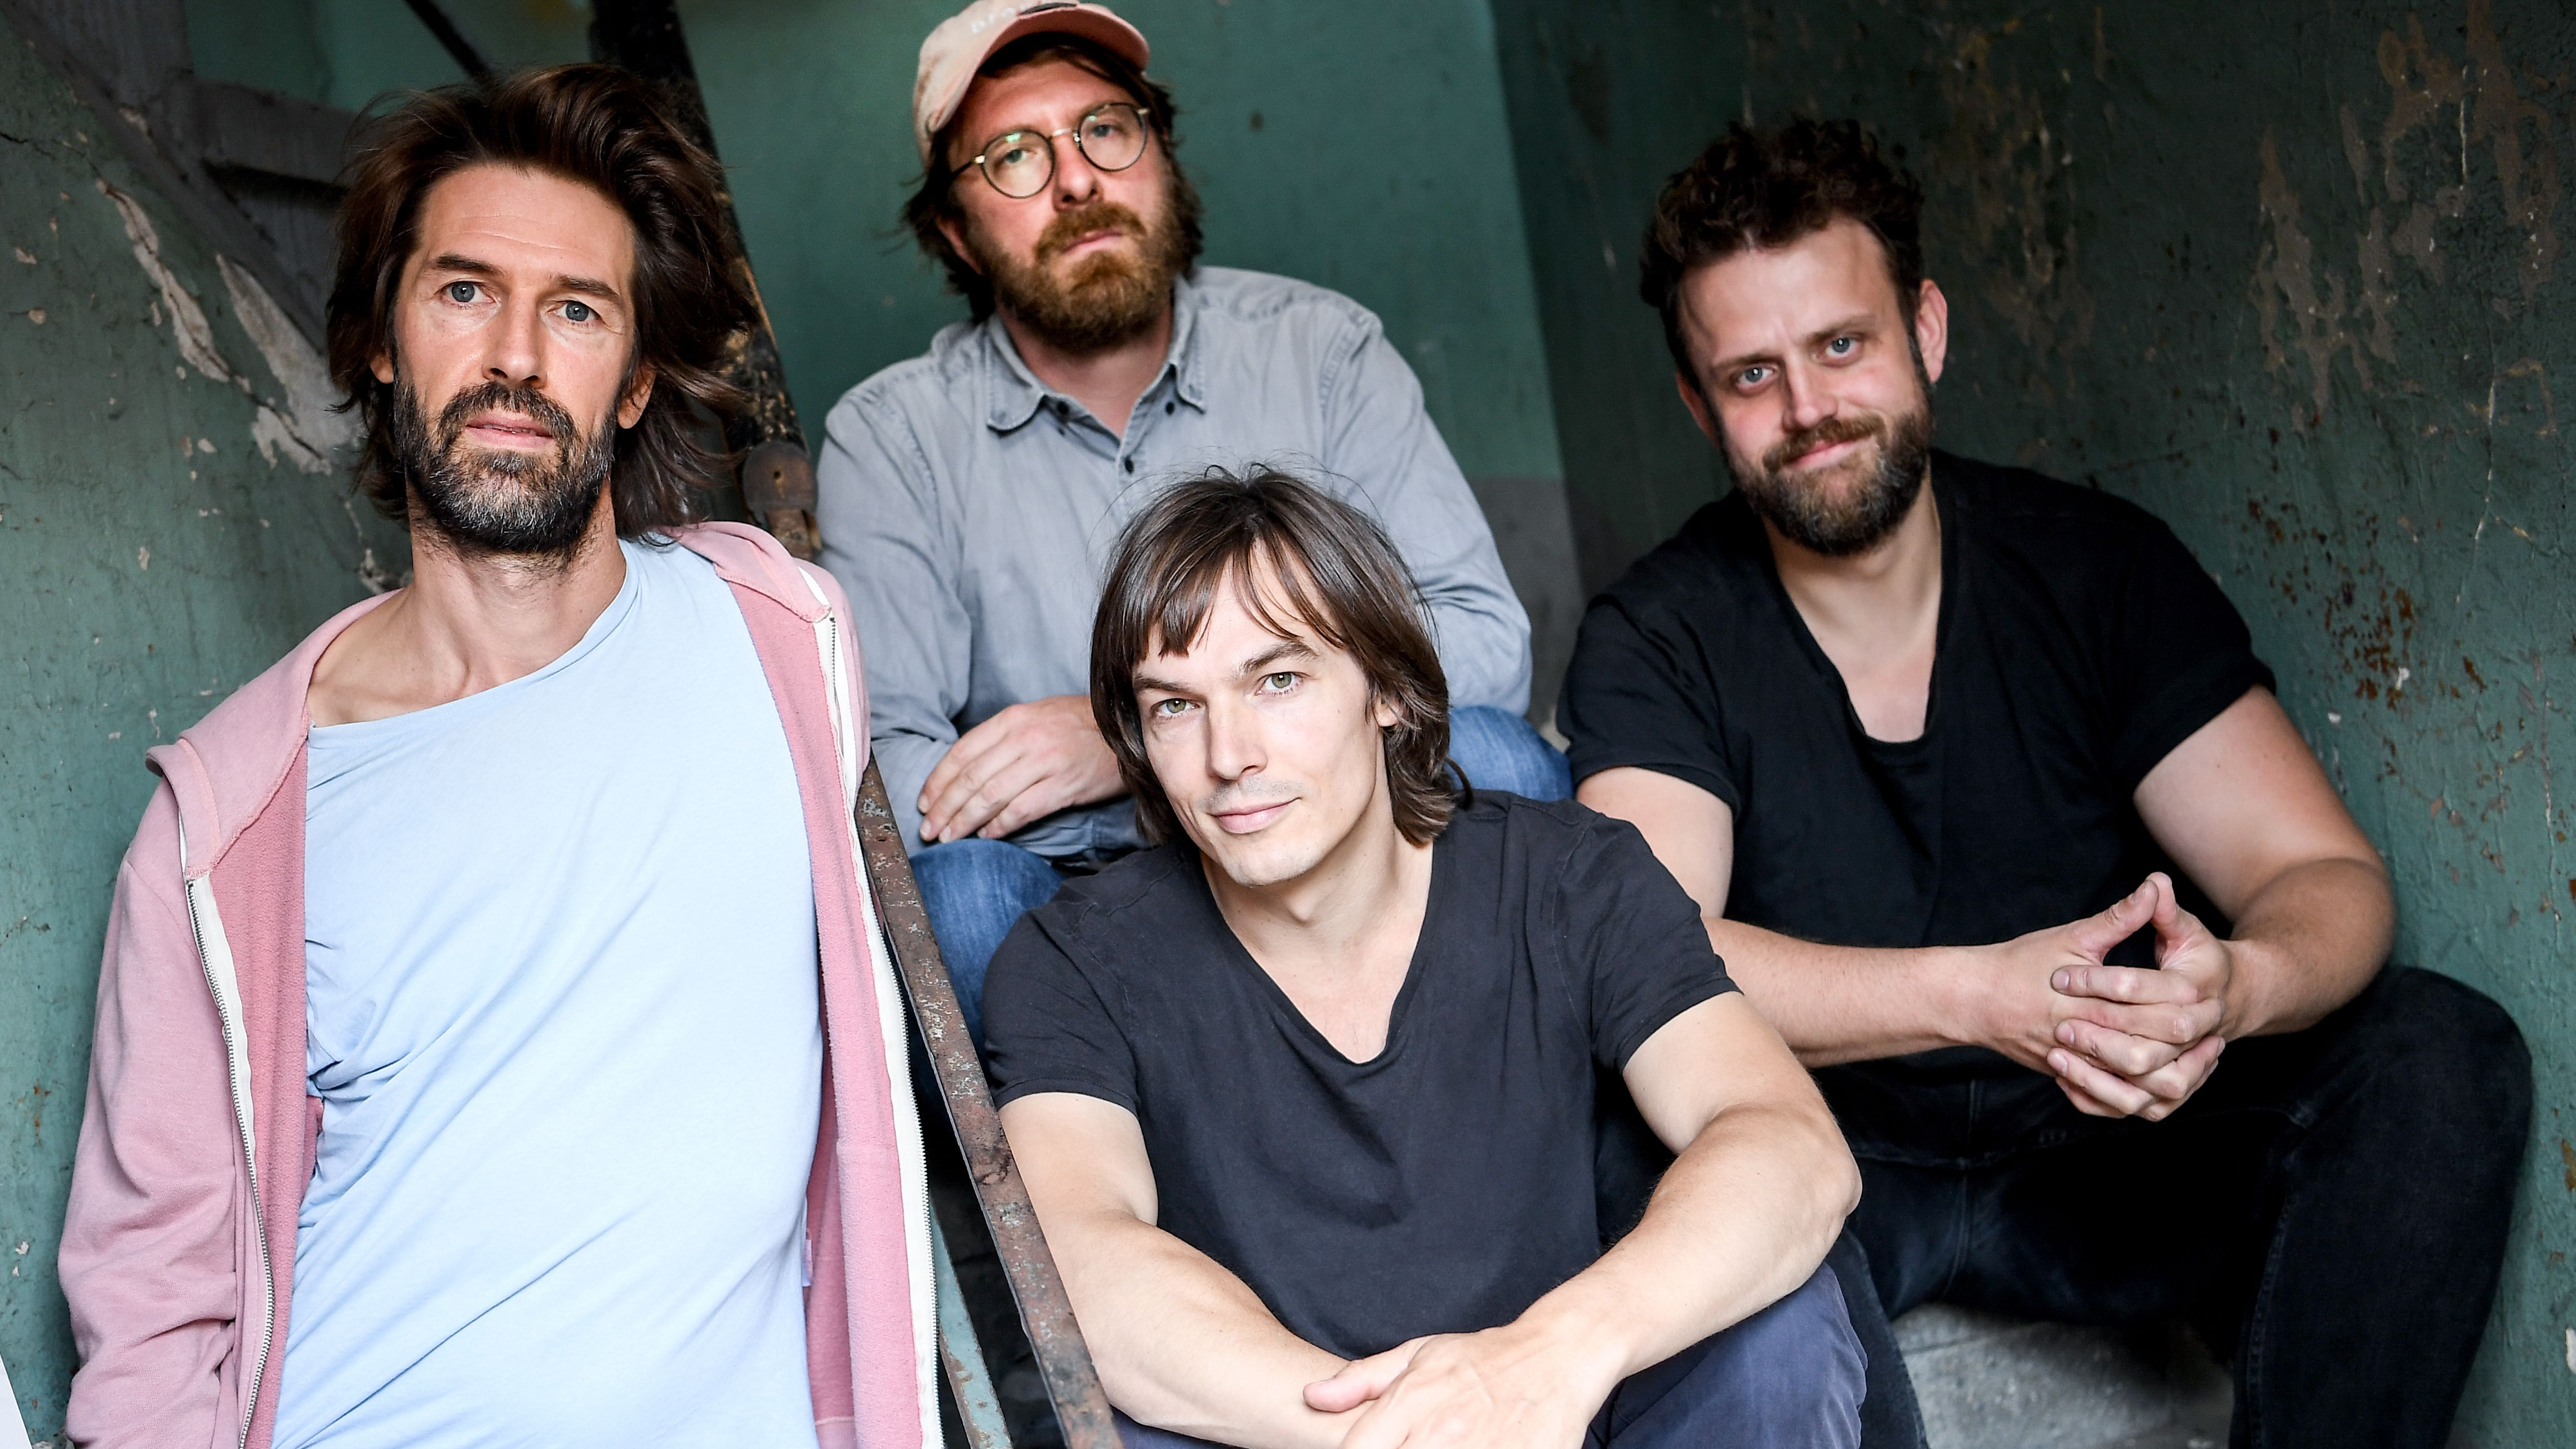 Bandmitglieder Felix Weigt, Max Schröder, Moritz Krämer und Francesco Wilking (von links nach rechts)